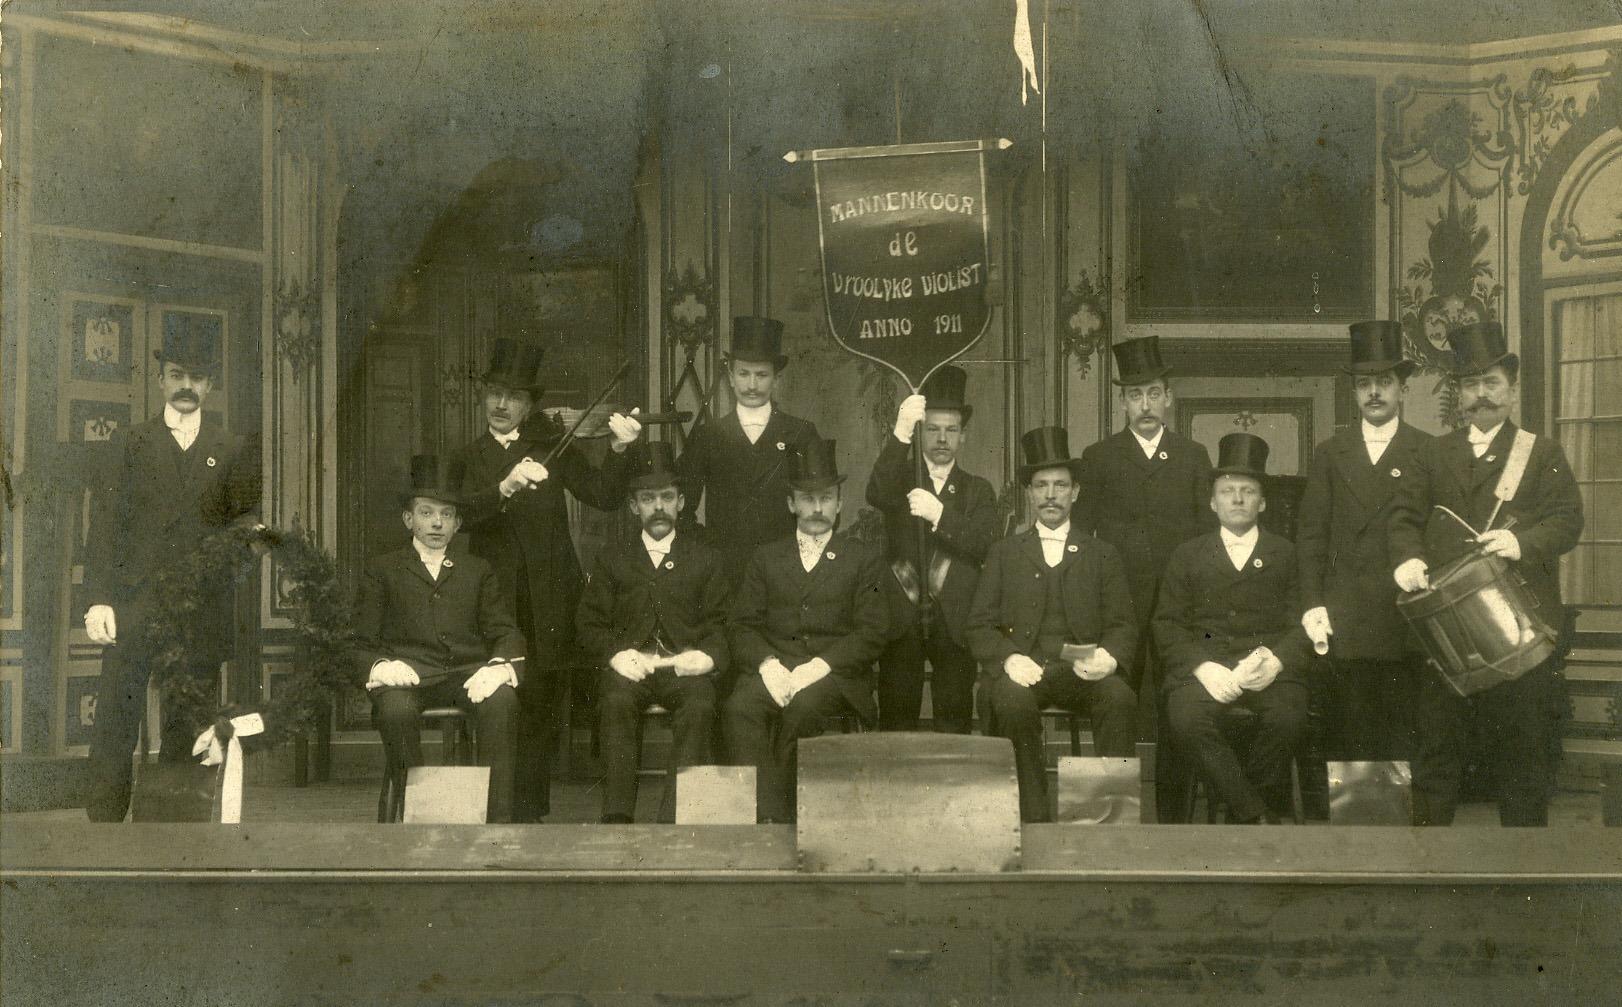 Mannenkoor de vroolijke violist (opgericht 1911) met vandel